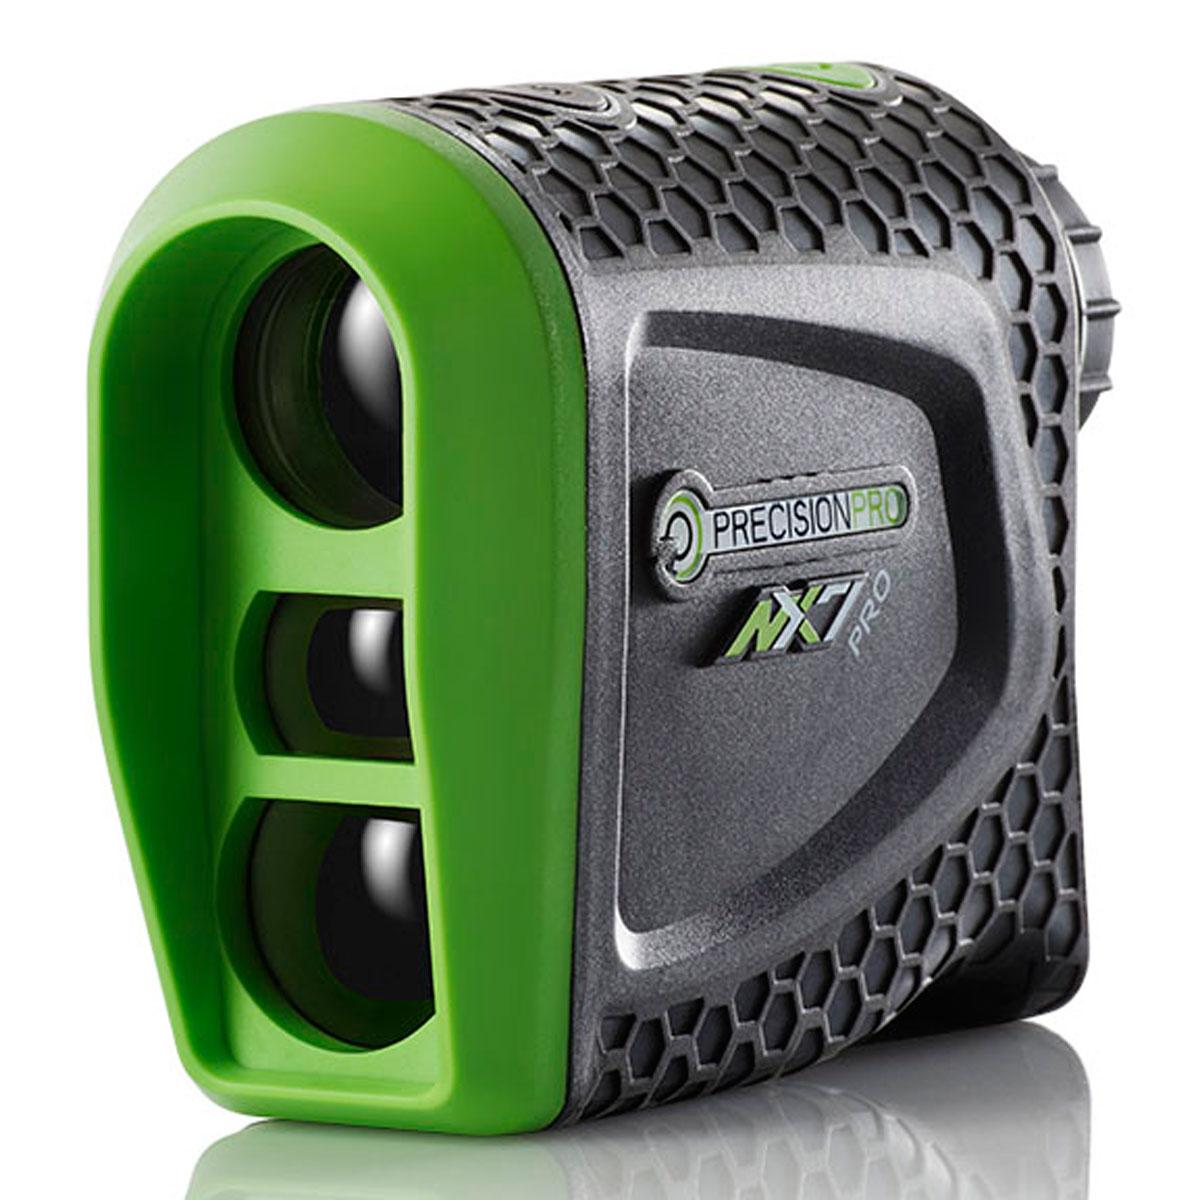 NX7 Pro Slope